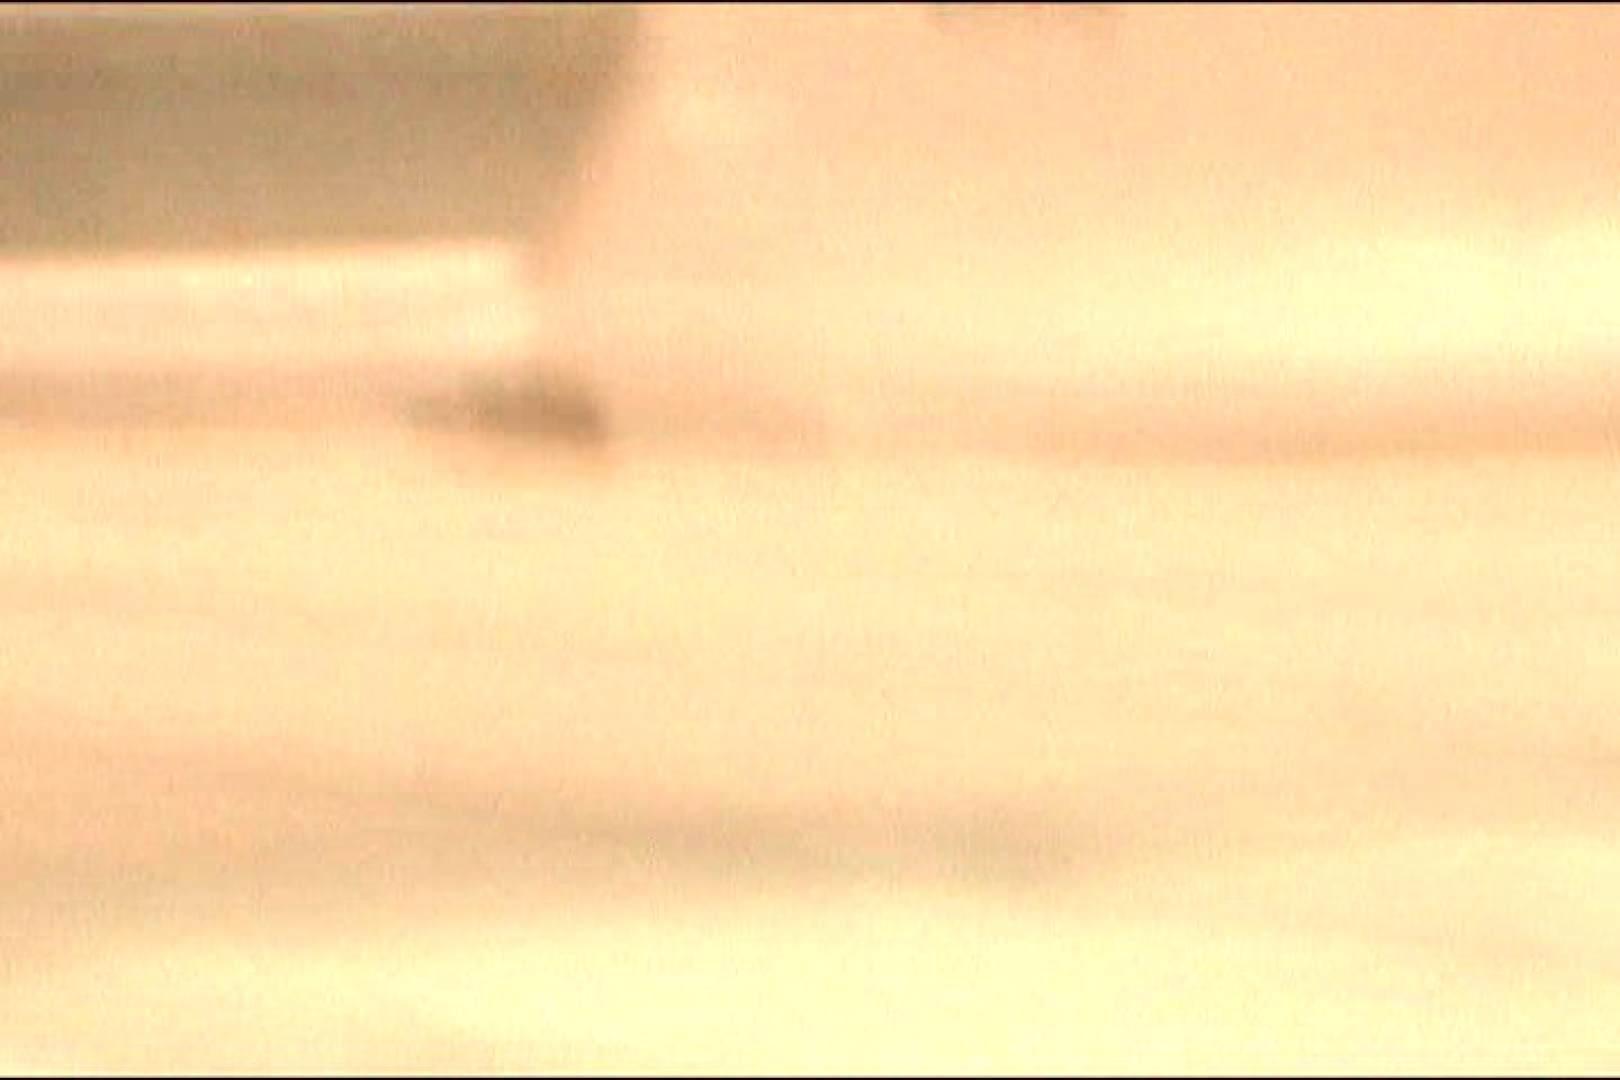 マンコ丸見え女子洗面所Vol.44 丸見え 盗撮AV動画キャプチャ 52画像 25